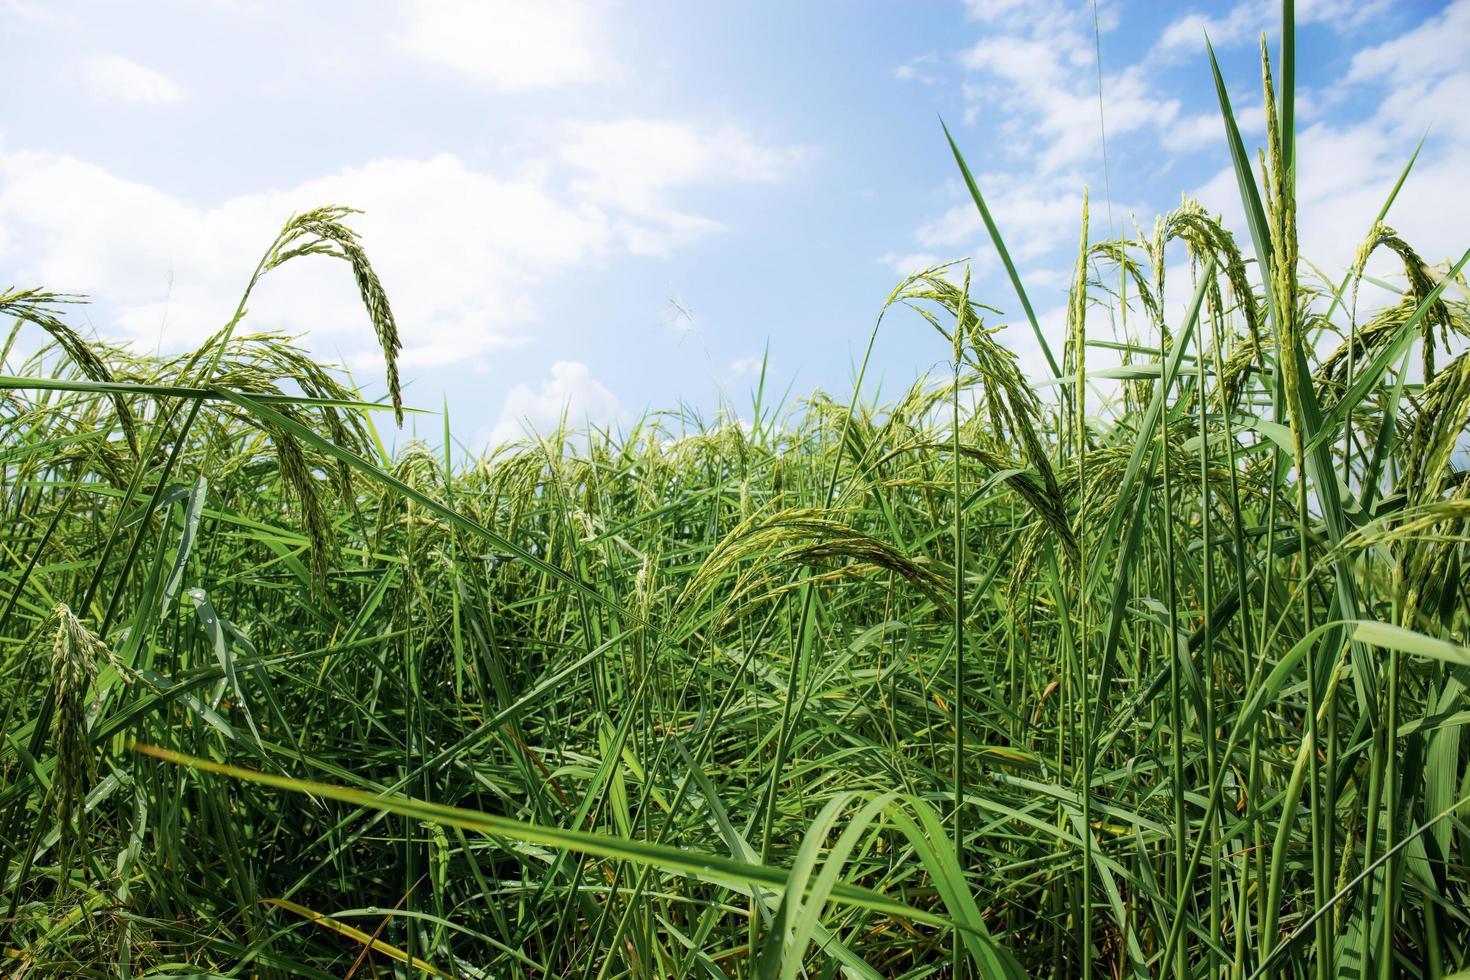 Reisohren auf Feldern foto